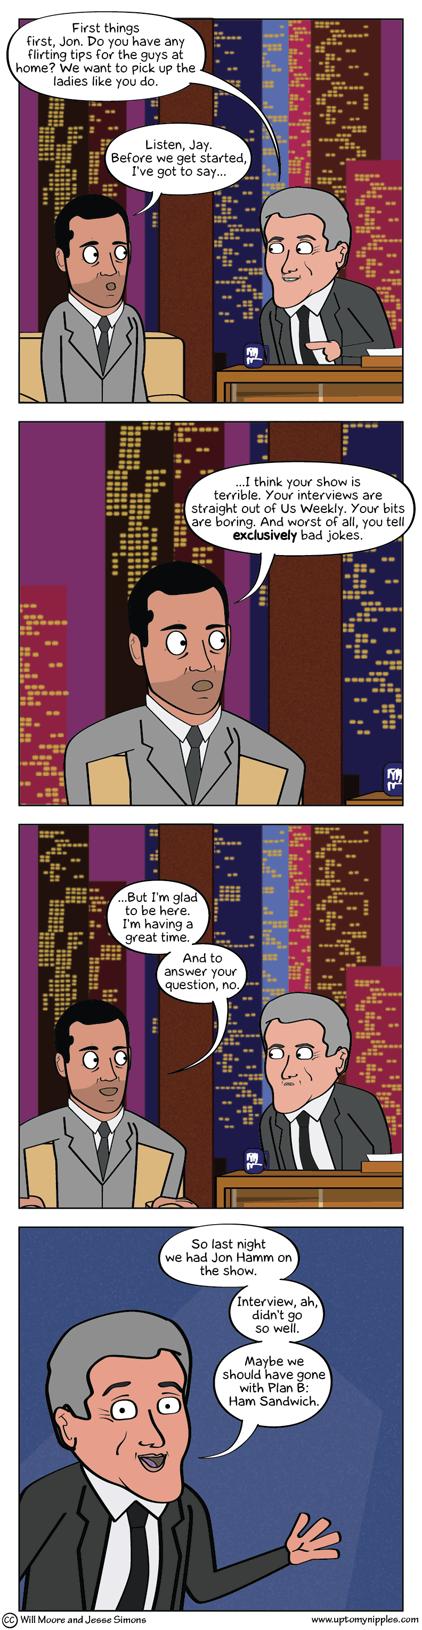 The Too-Trite Show comic